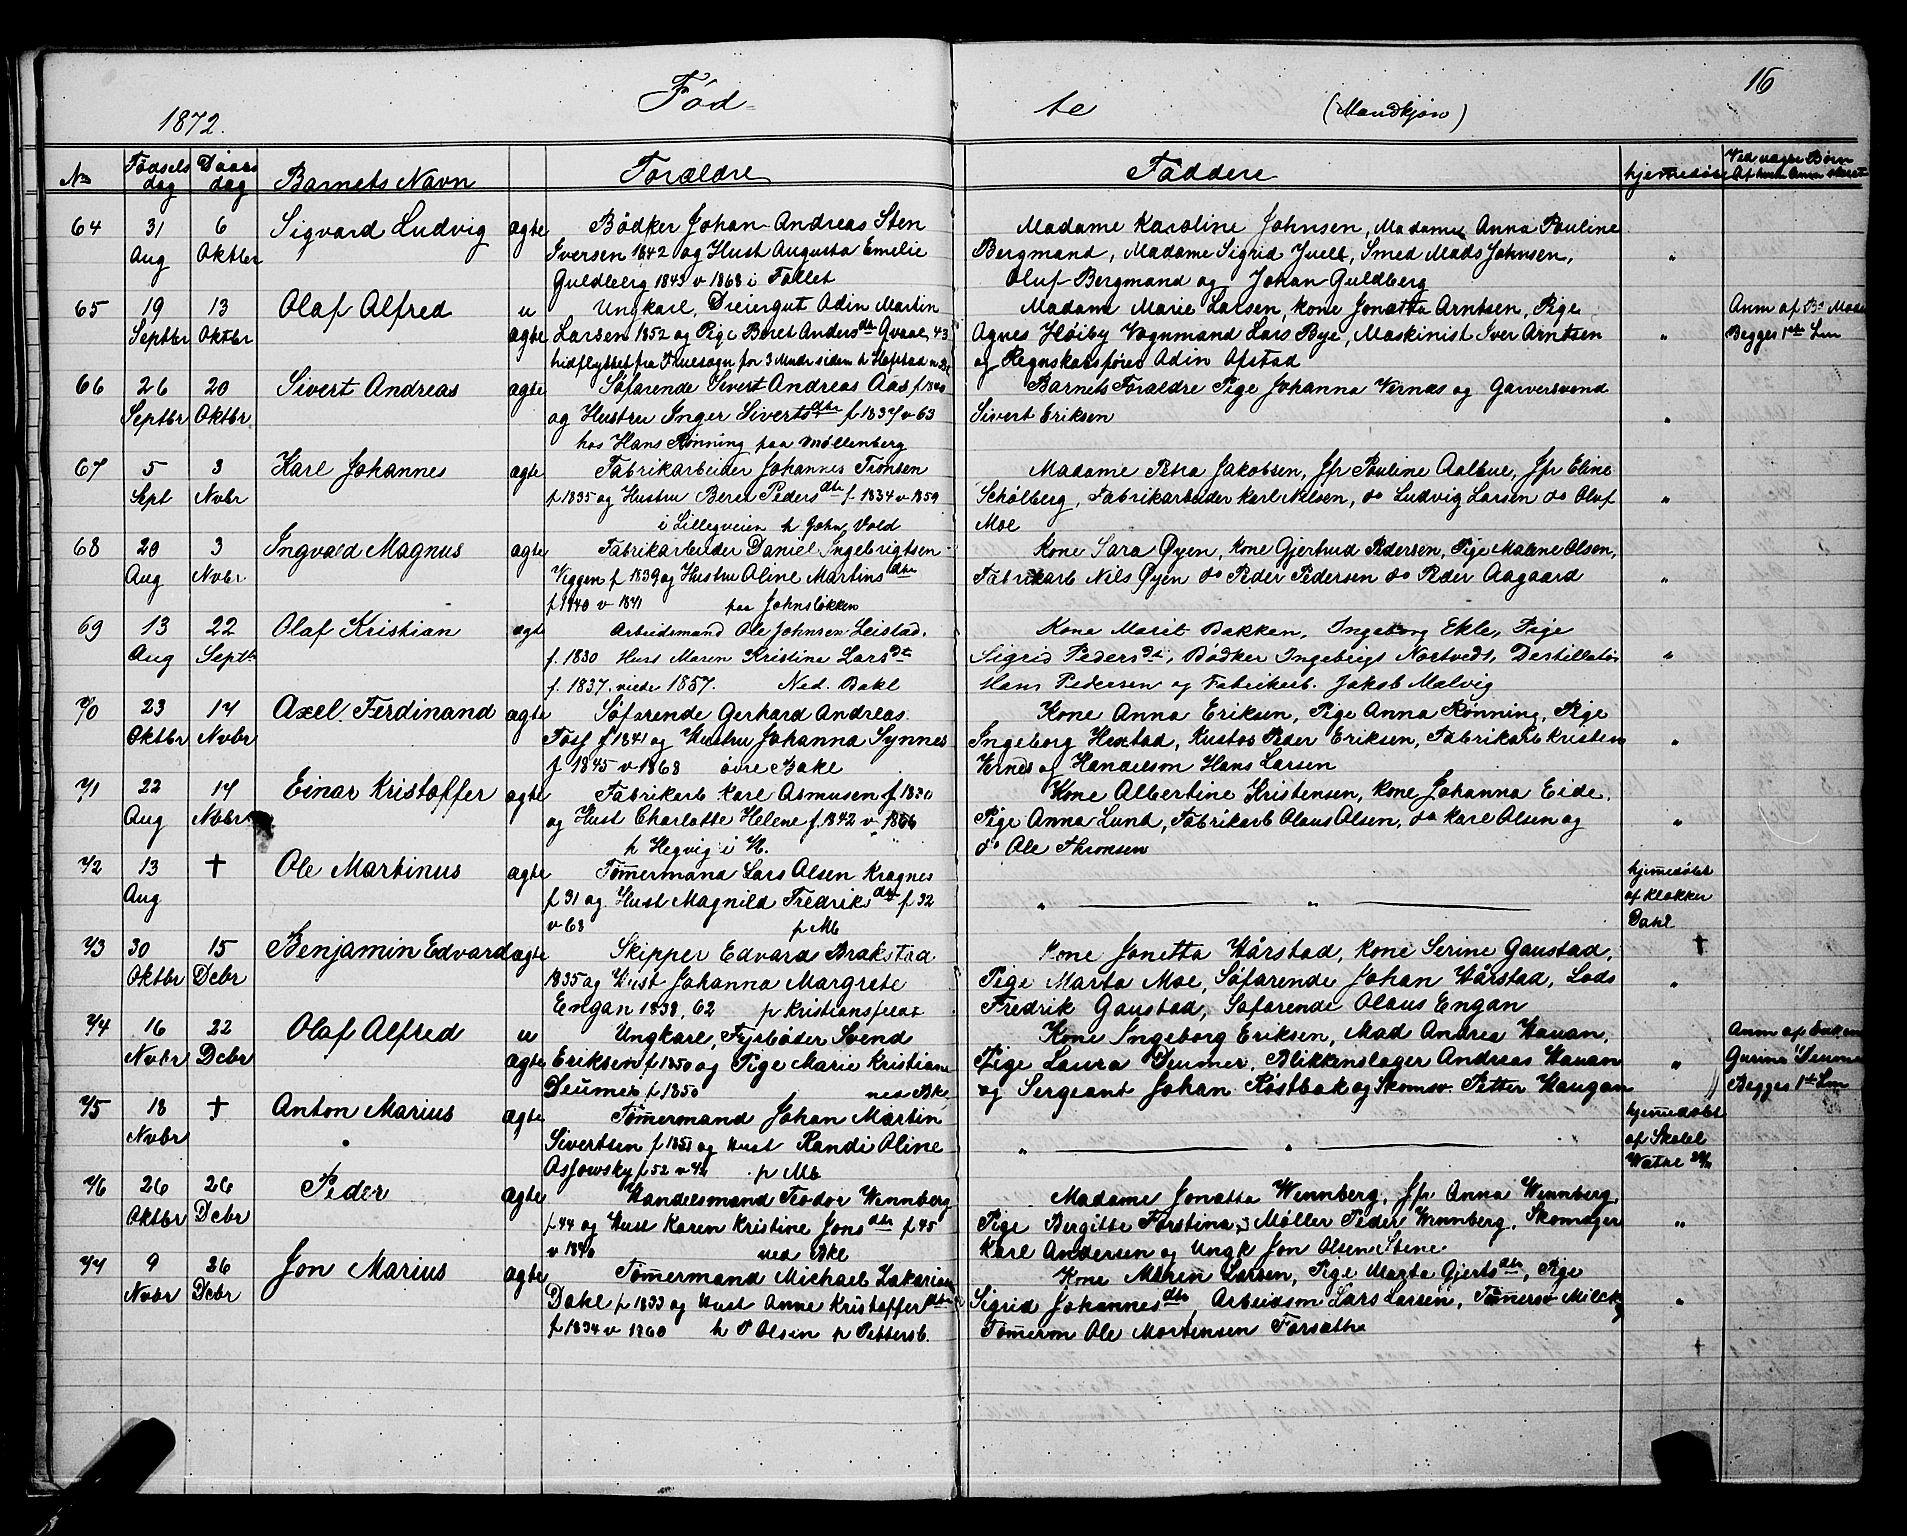 SAT, Ministerialprotokoller, klokkerbøker og fødselsregistre - Sør-Trøndelag, 604/L0220: Klokkerbok nr. 604C03, 1870-1885, s. 16